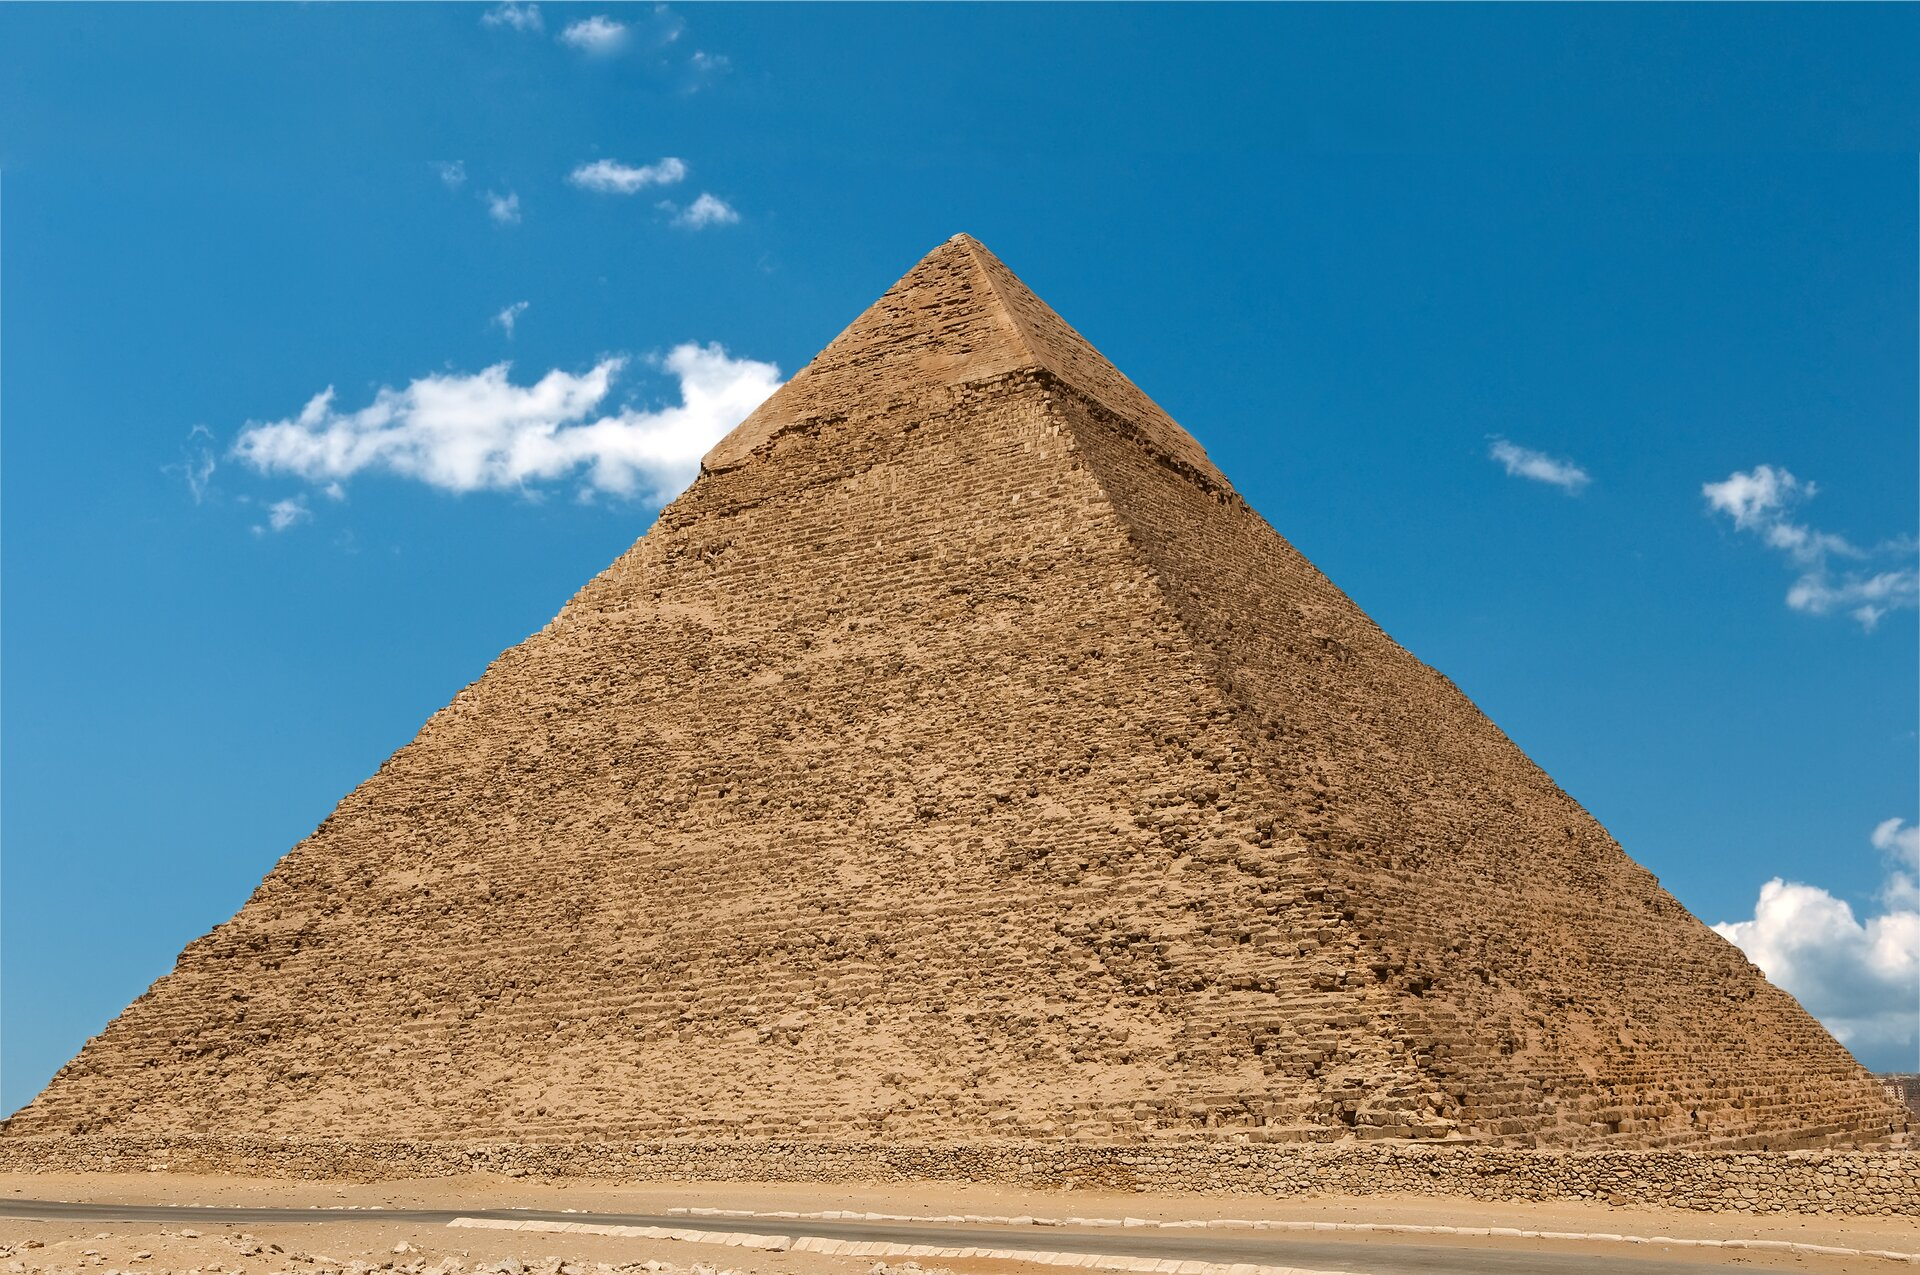 Ilustracja przedstawia piramidę Chefrena wGizie. Piramida ma kształt ostrosłupa opodstawie kwadratu. Jest wkolorze ciemnego piasku. Wtle niebieskie niebo zkilkoma małymi białymi chmurkami.